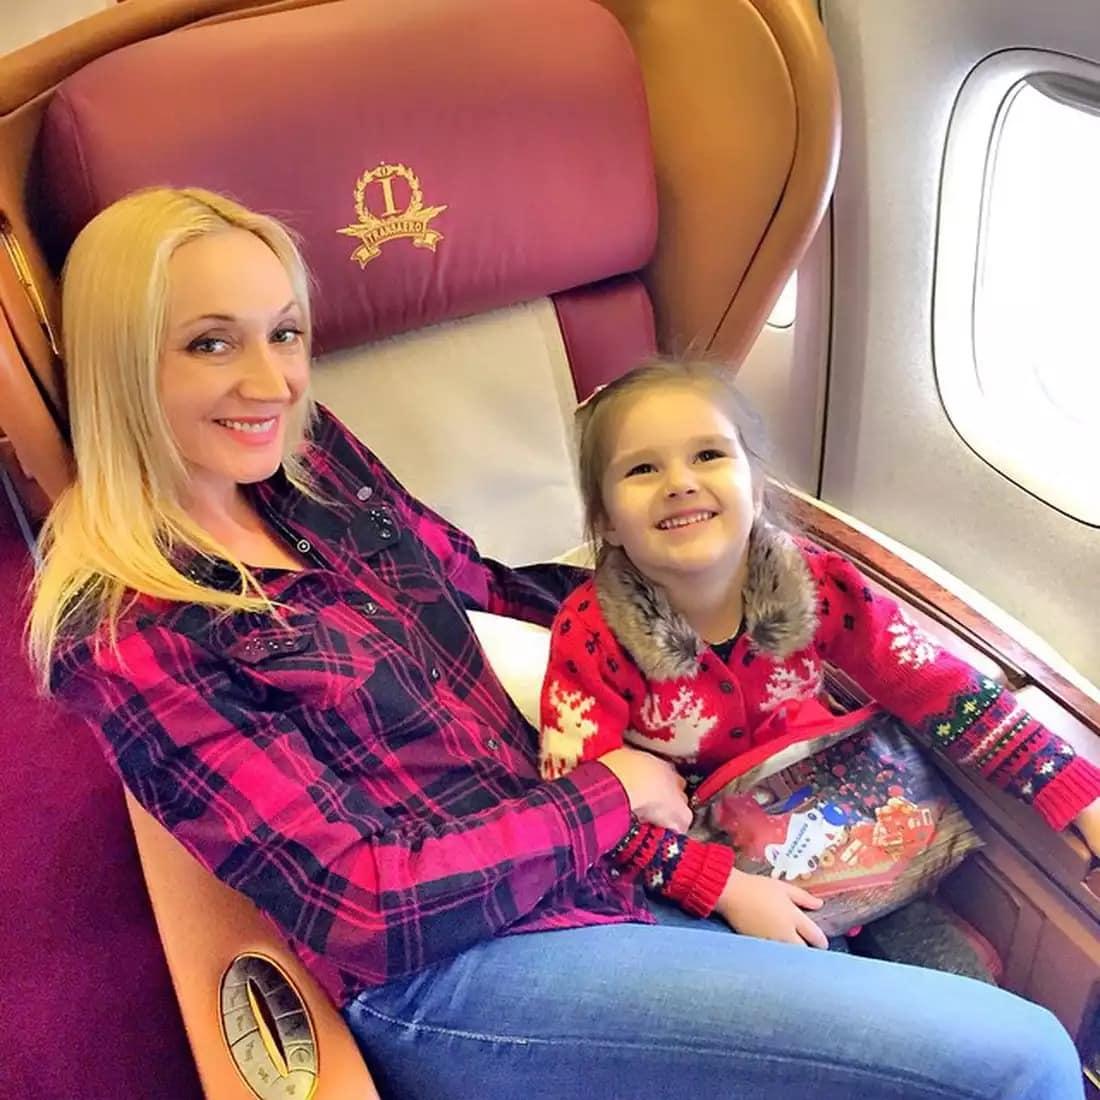 Кристина Орбакайте: фото дочери, что известно о дочери Орбакайте